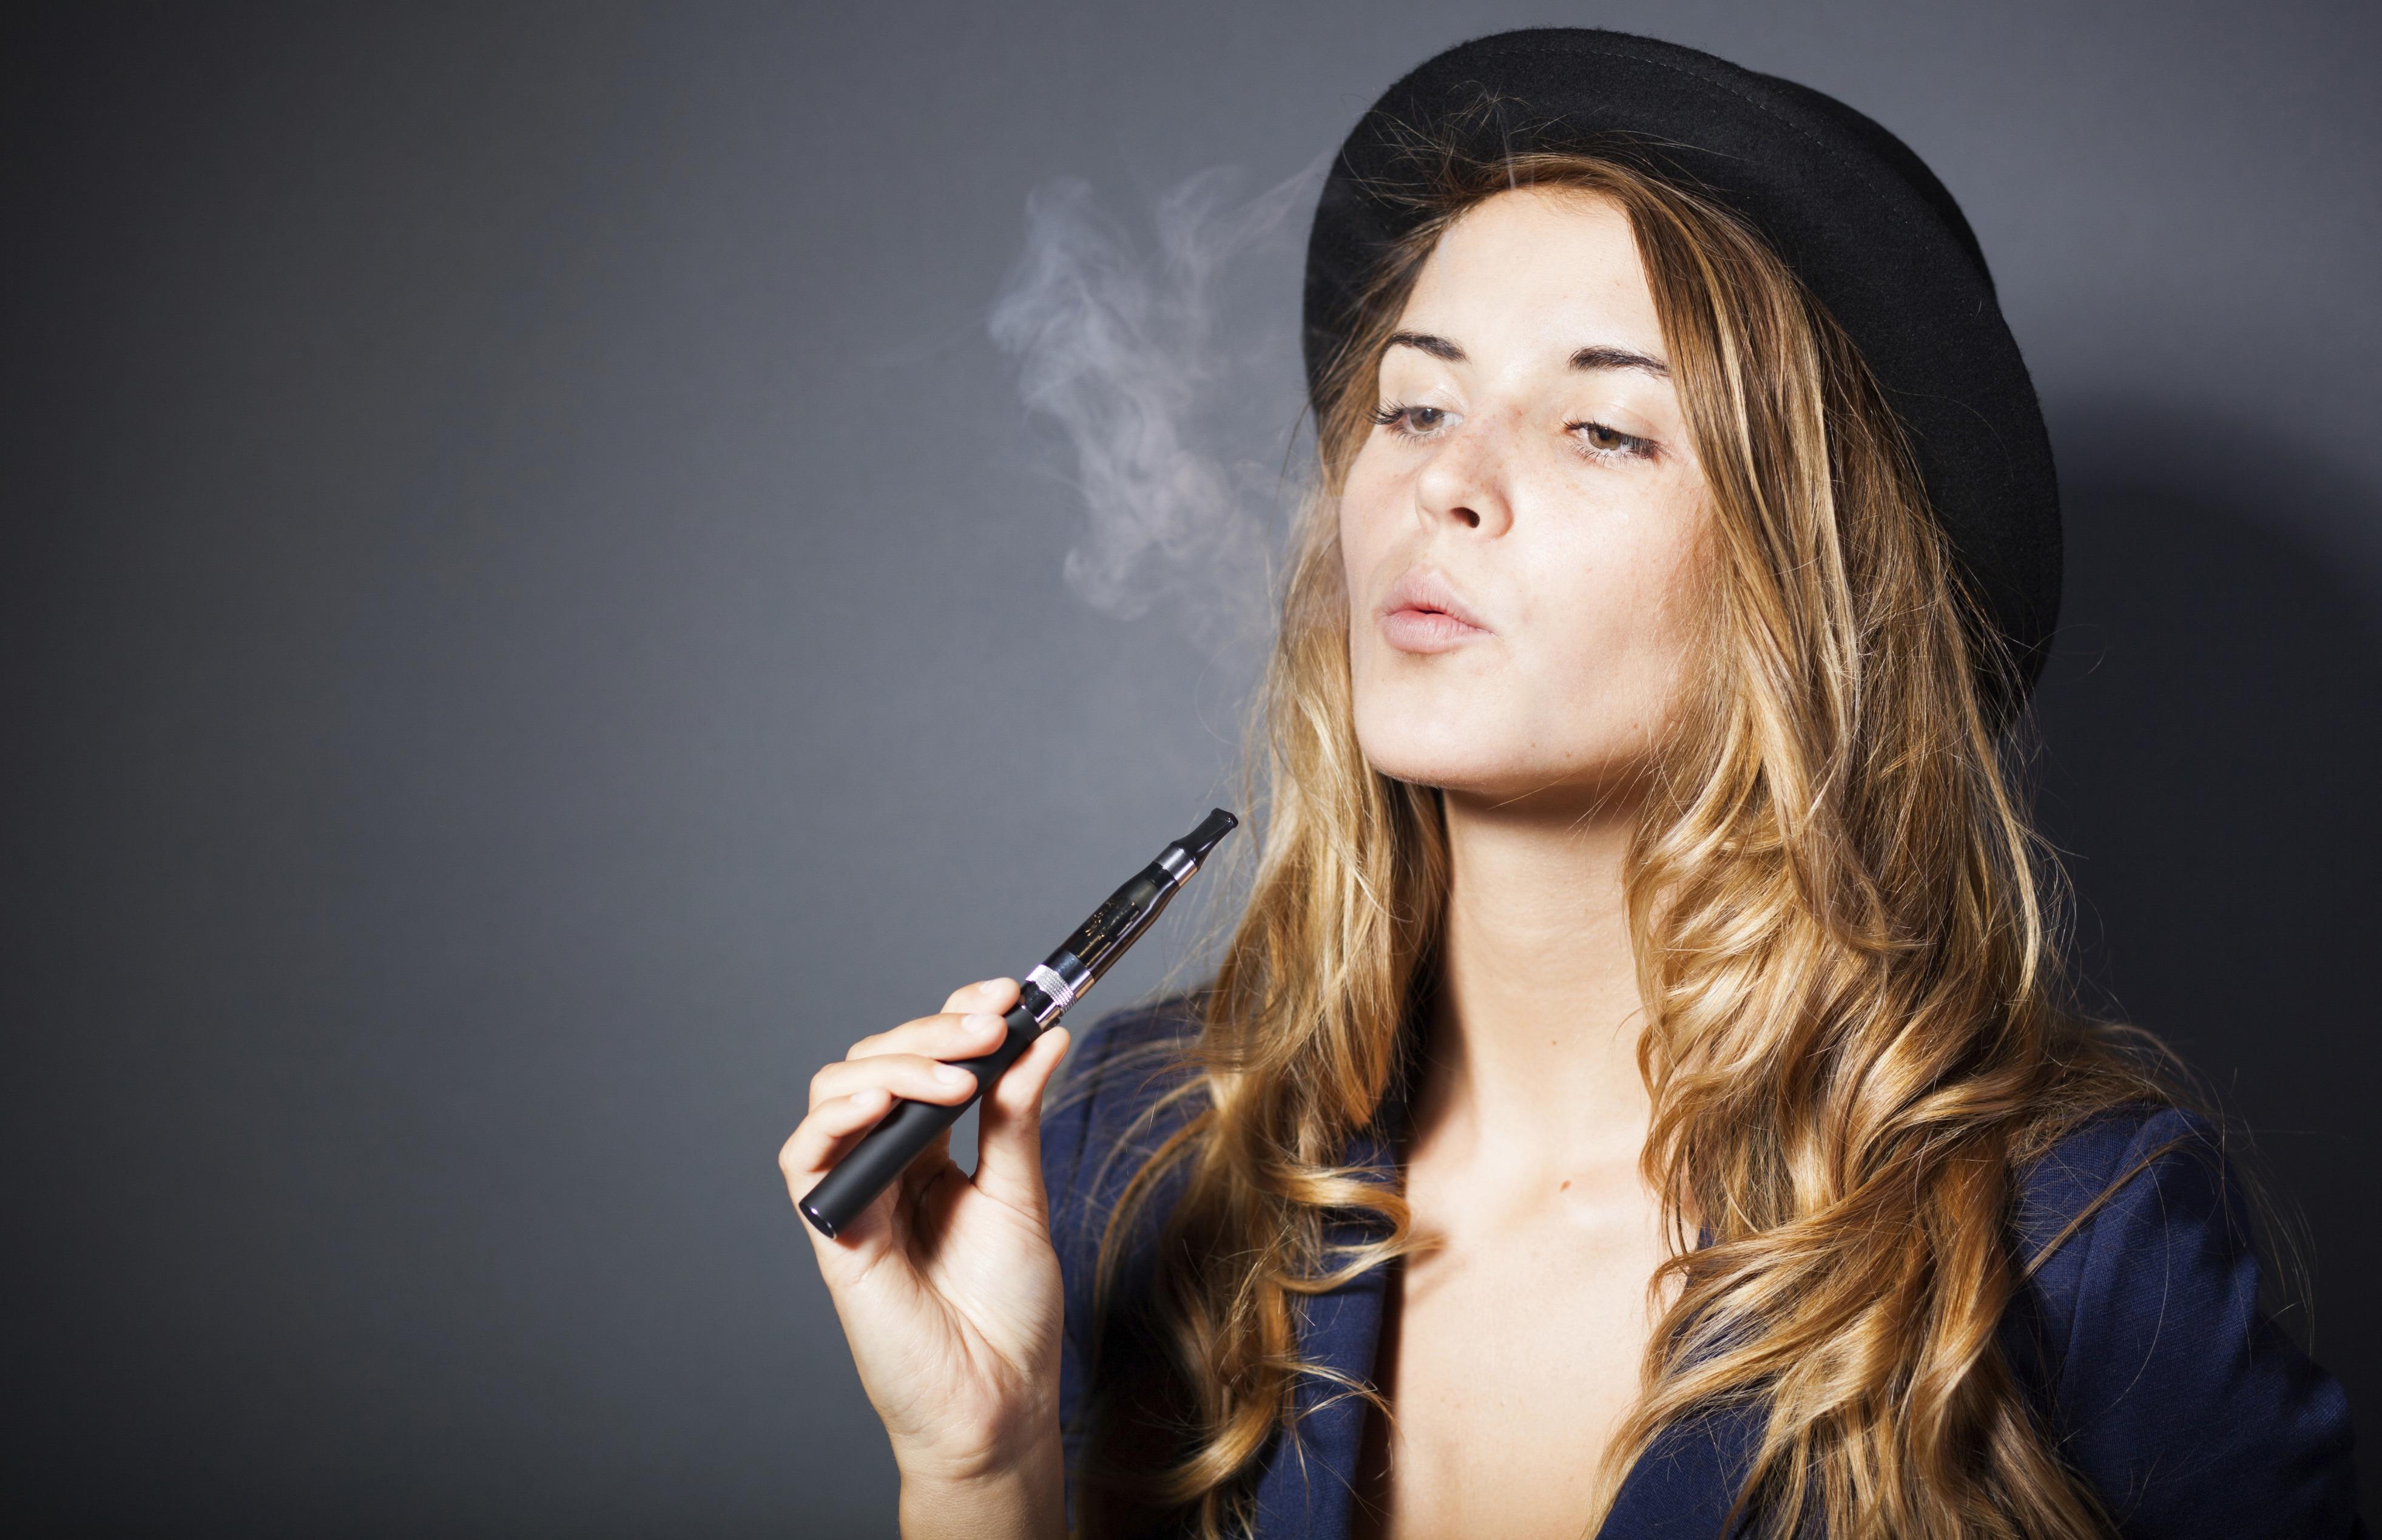 Elektronske cigarete so vse prej kot varne za uporabo!